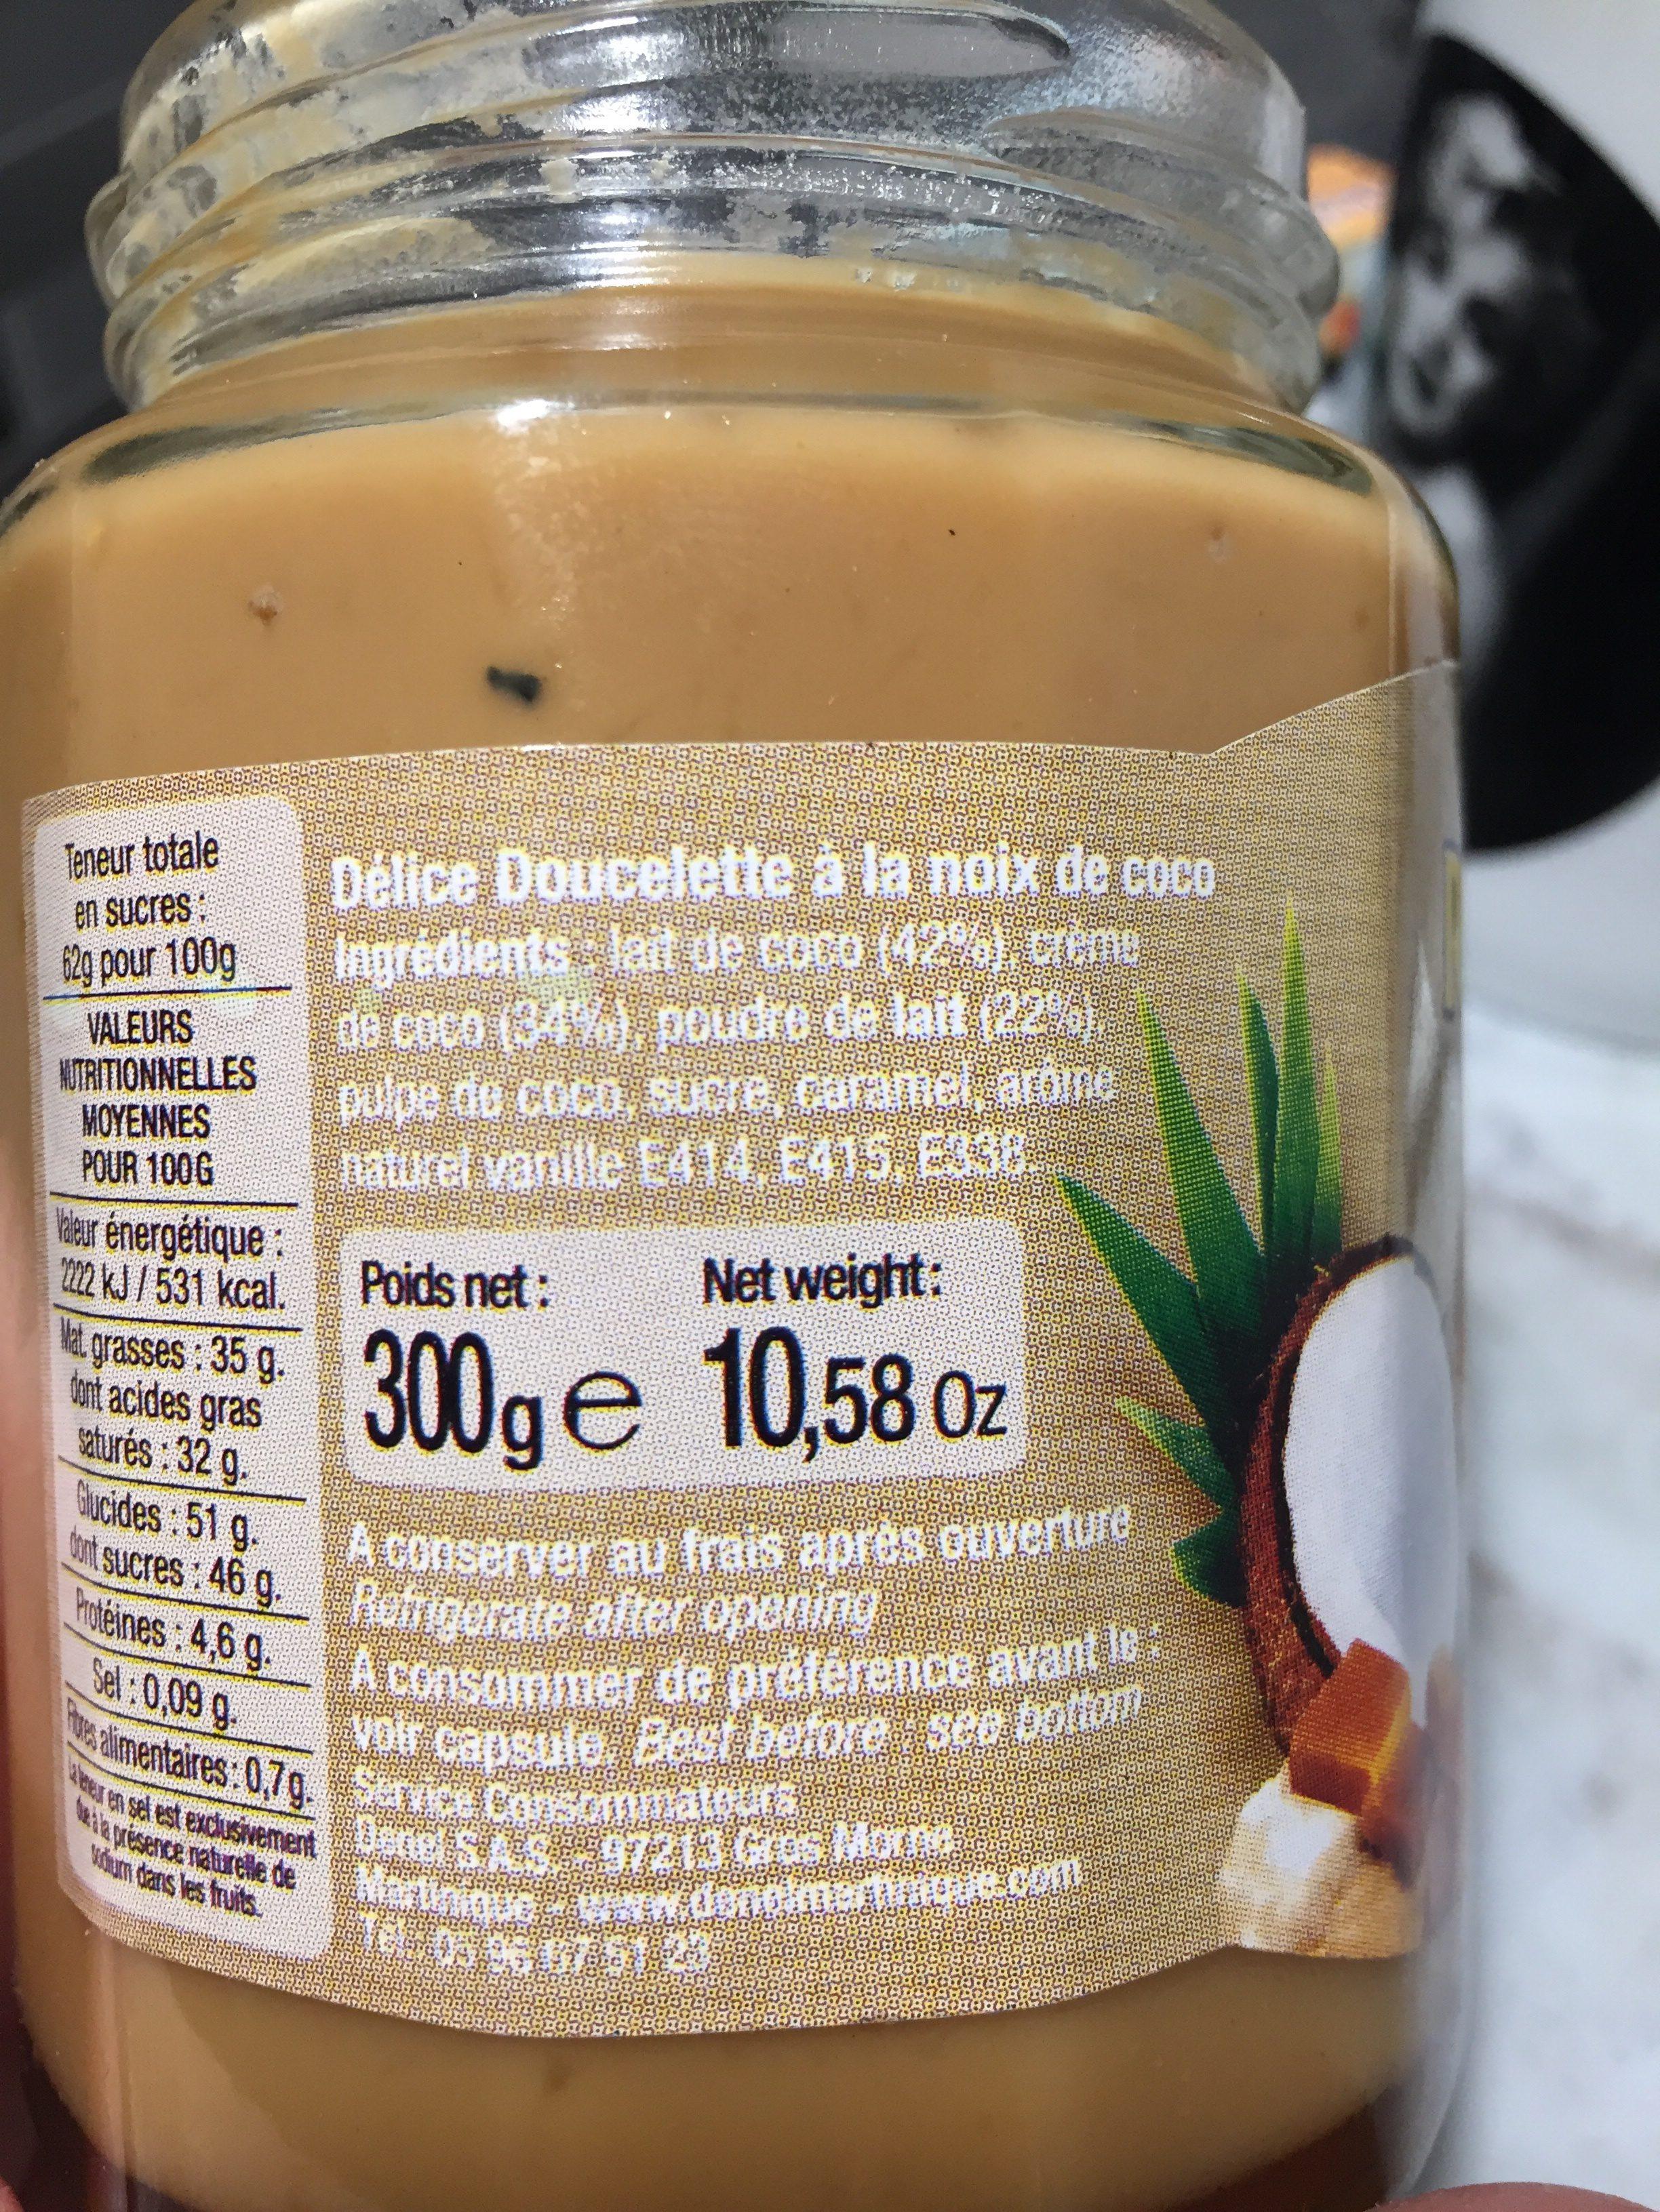 Délice doucelette coconut - Ingredients - fr